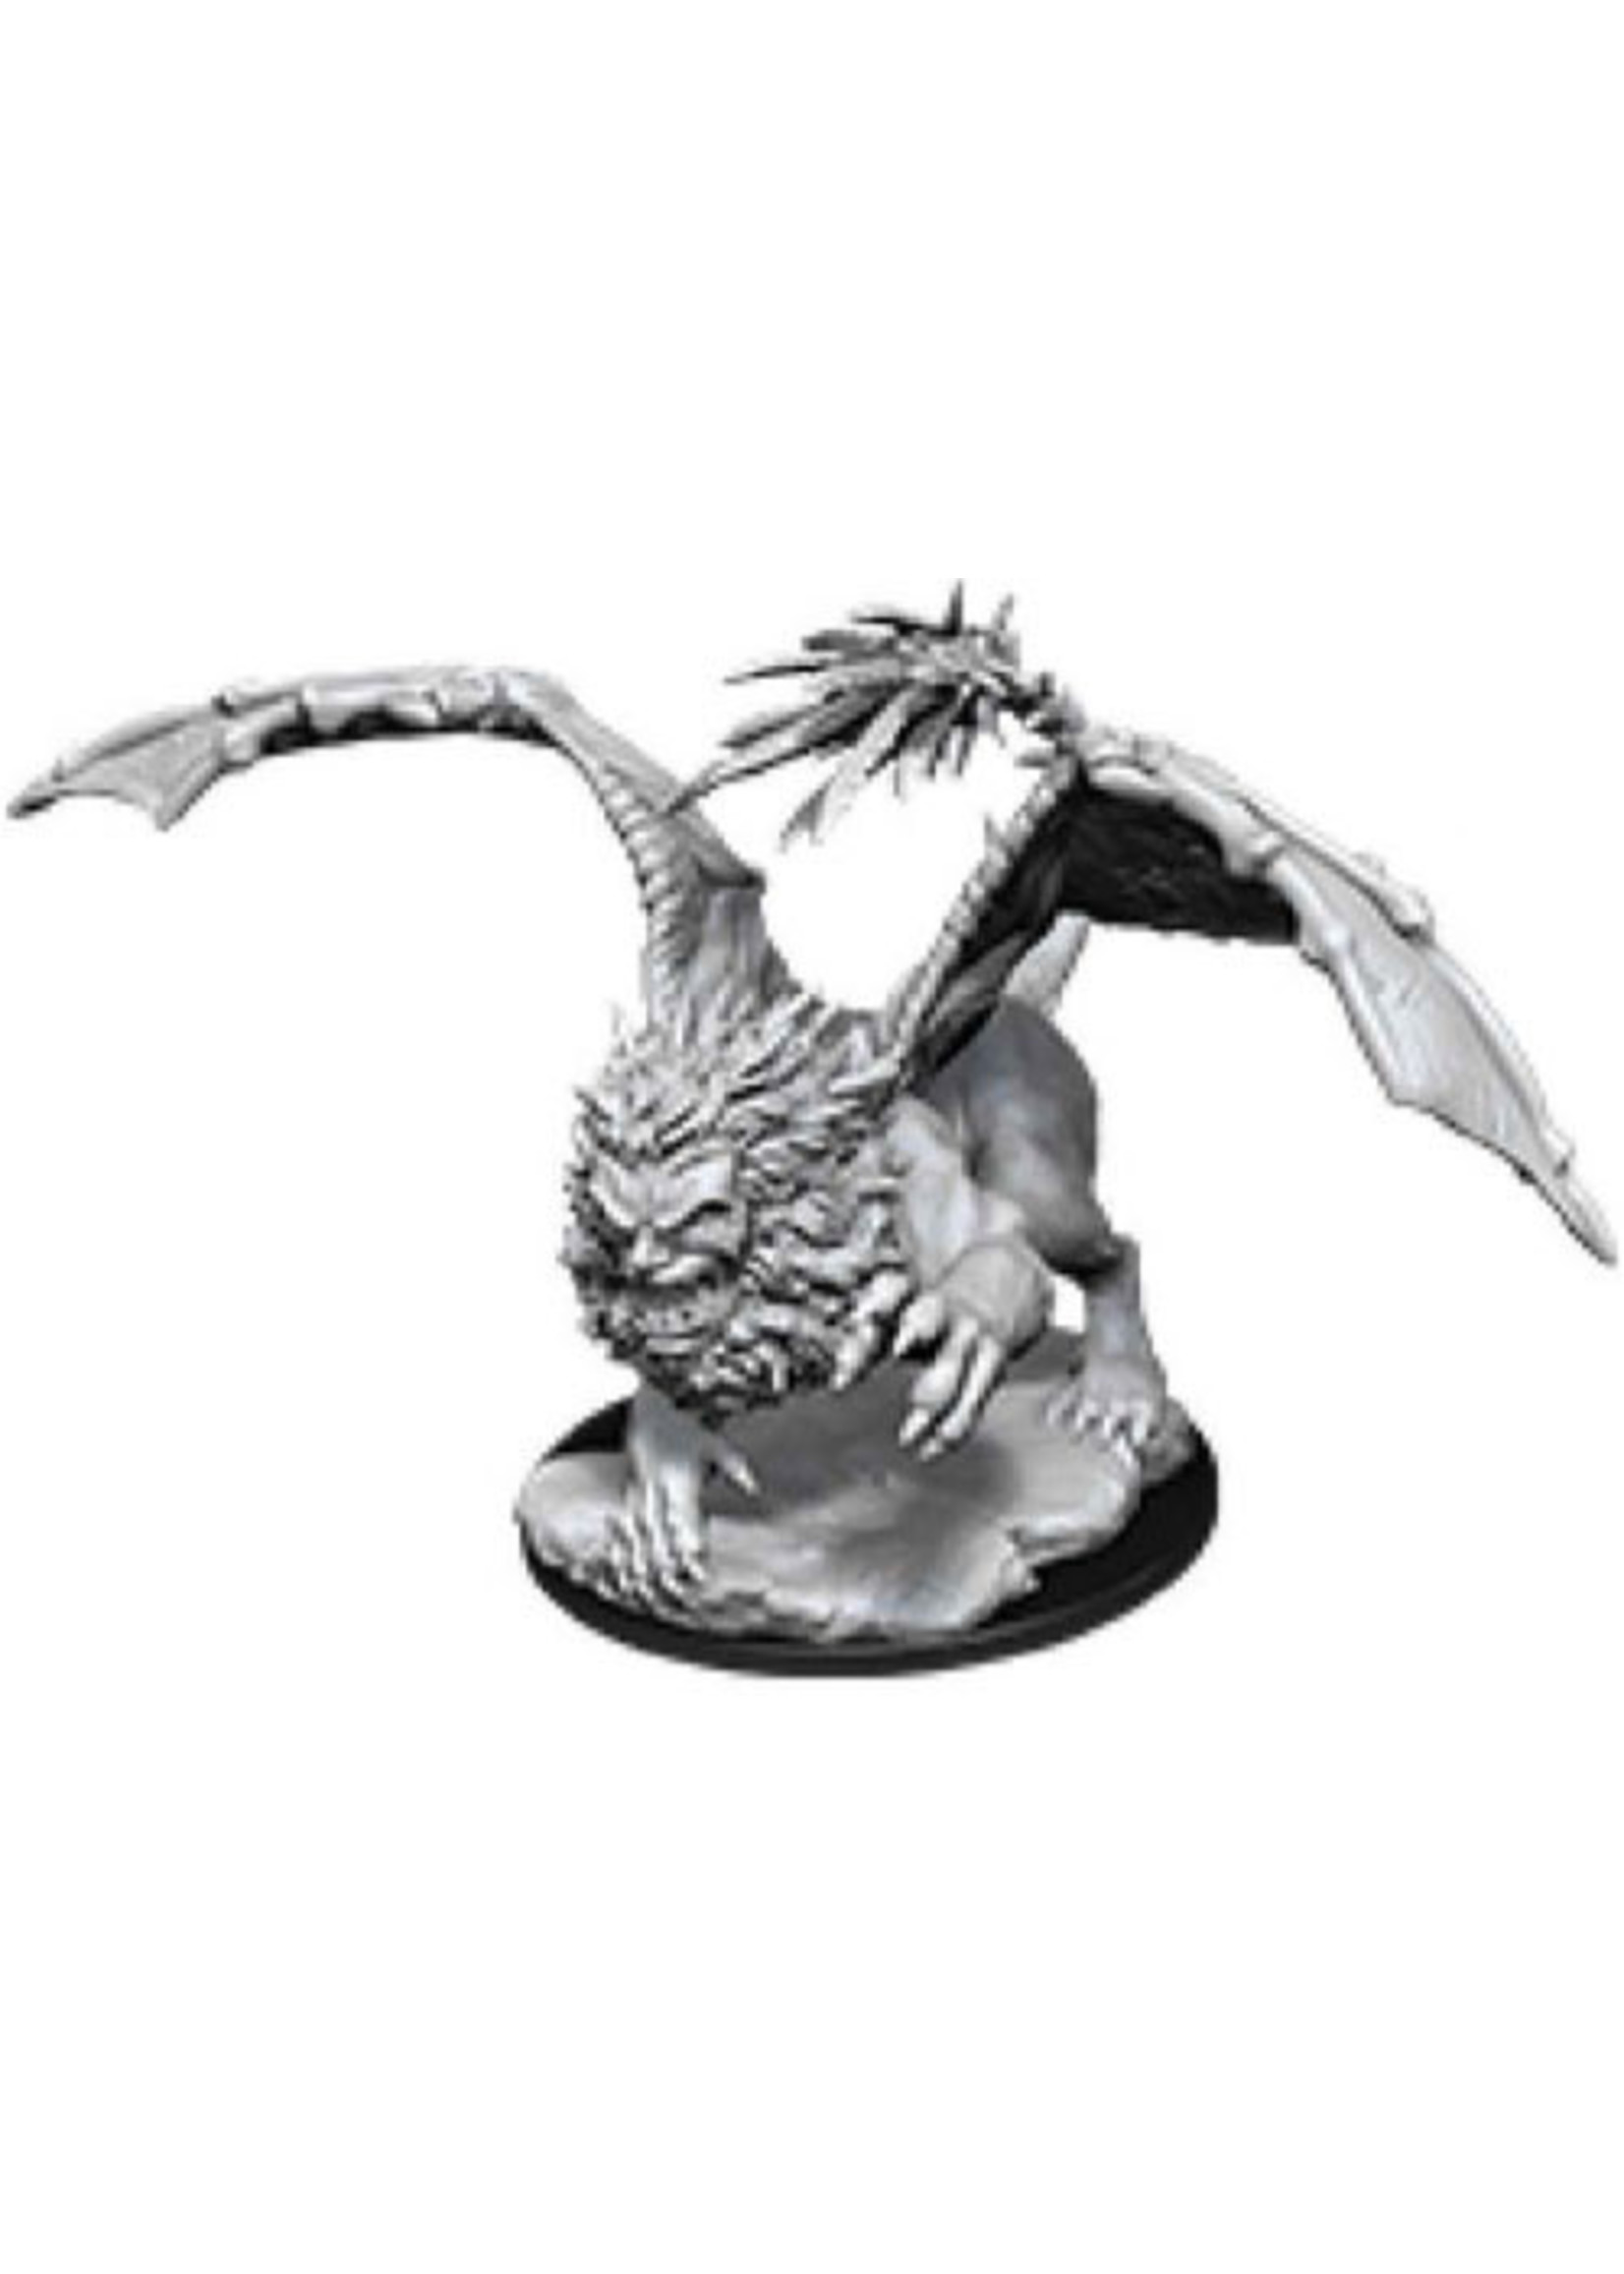 Dungeons & Dragons Nolzur`s Marvelous Unpainted Miniatures: W12 Manticore